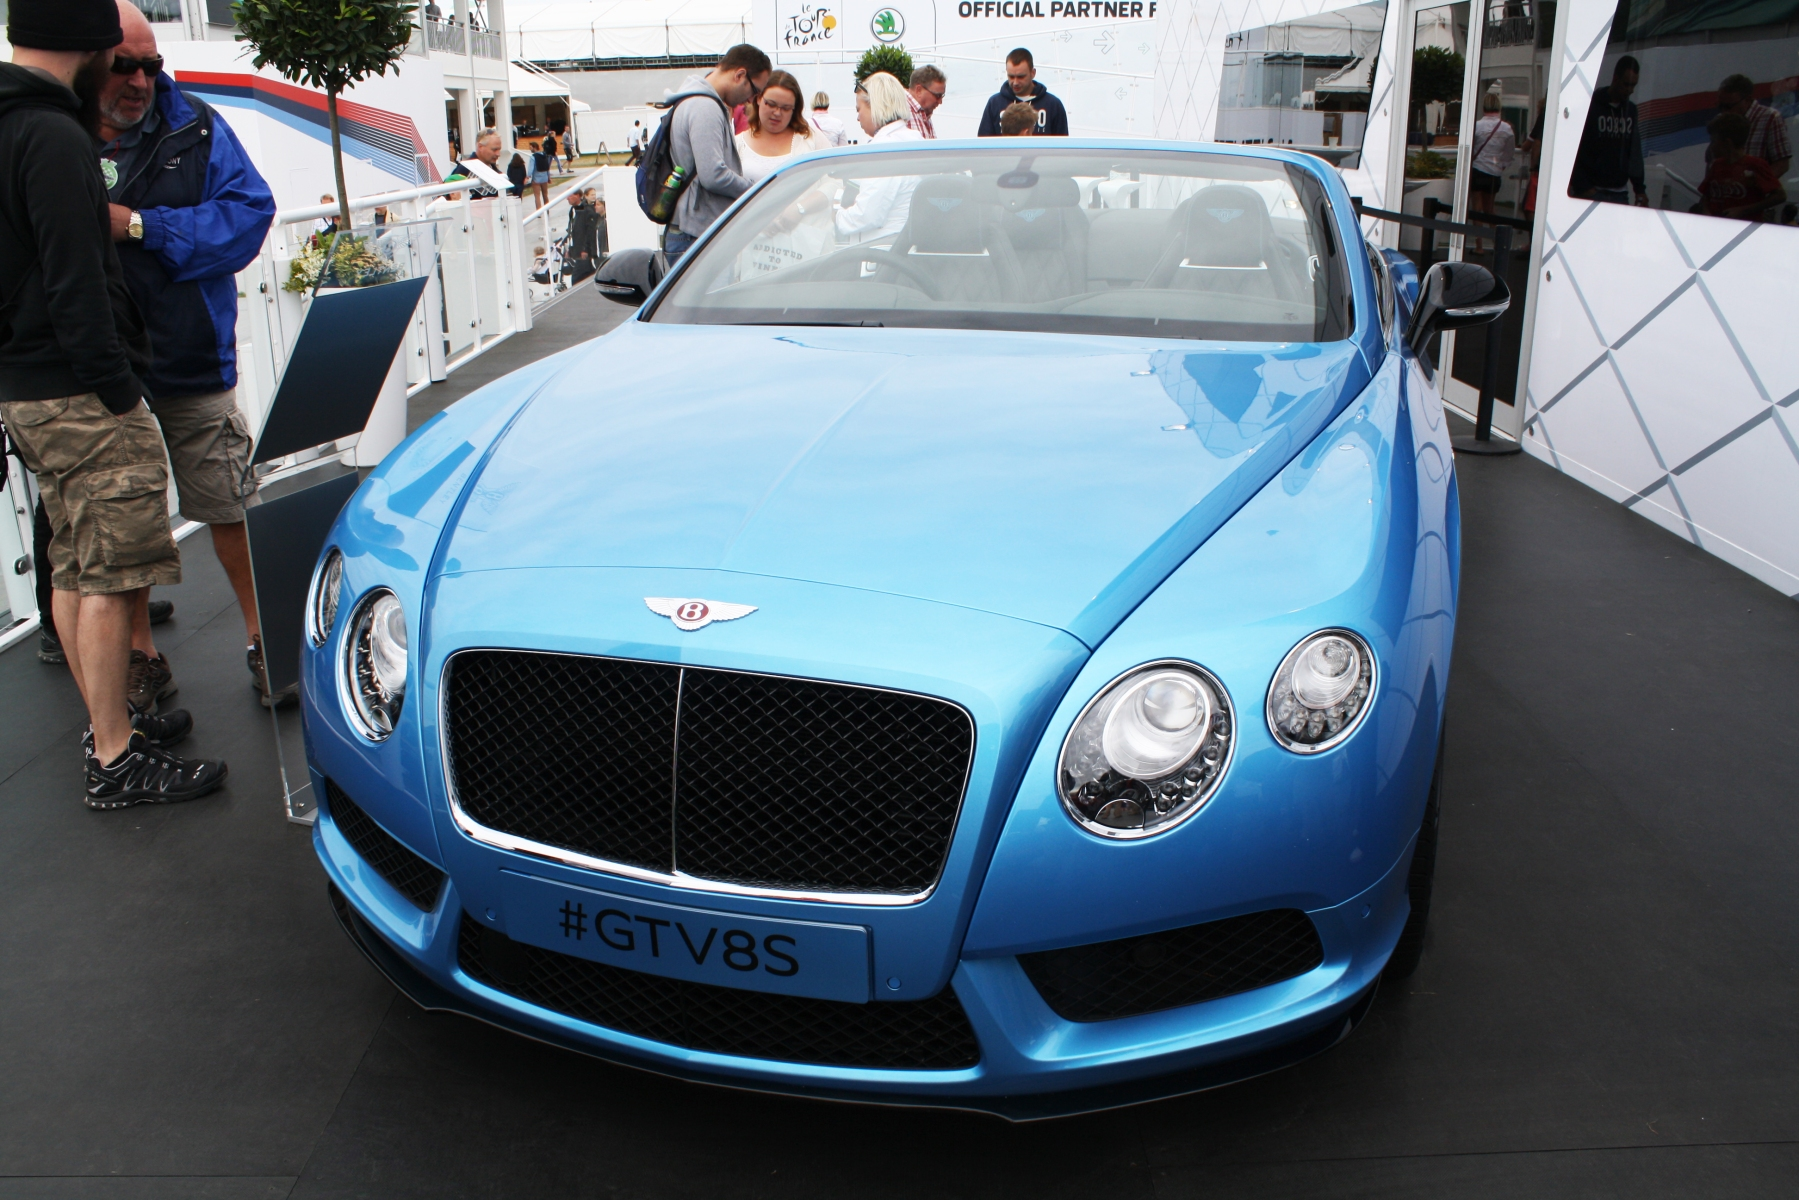 Bentley GT V8S